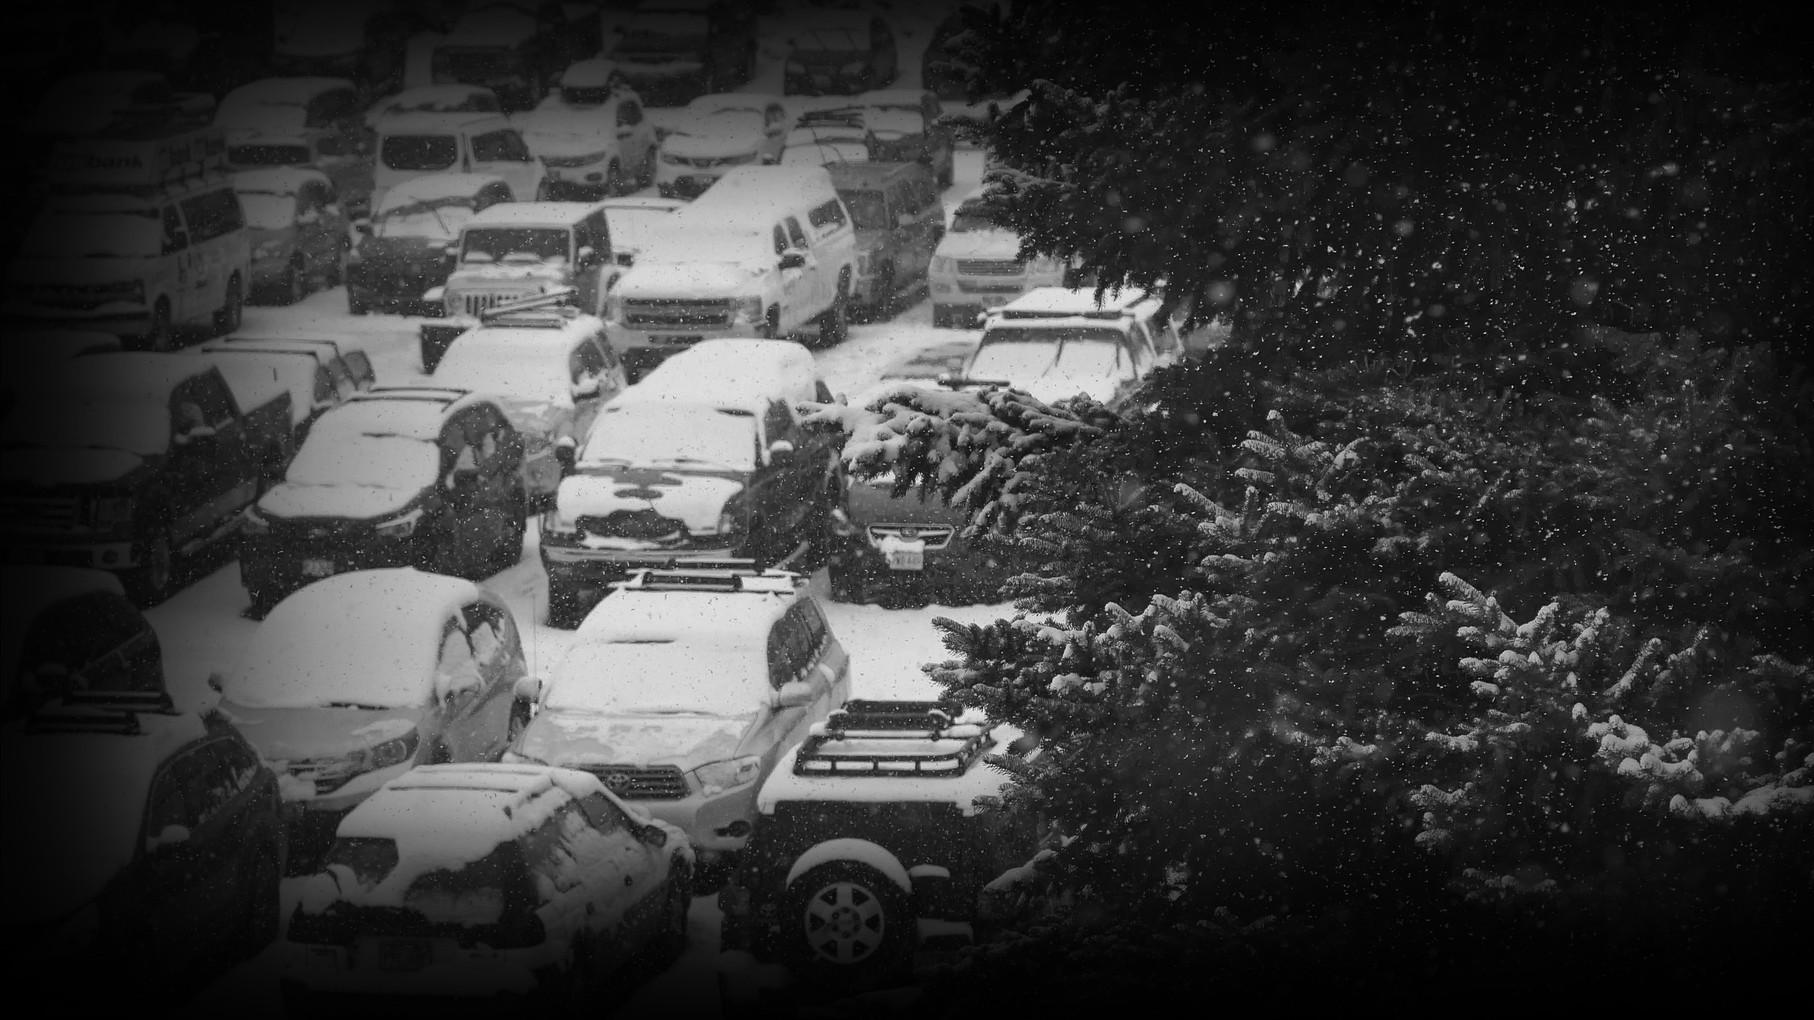 carros-na-neve.jpg